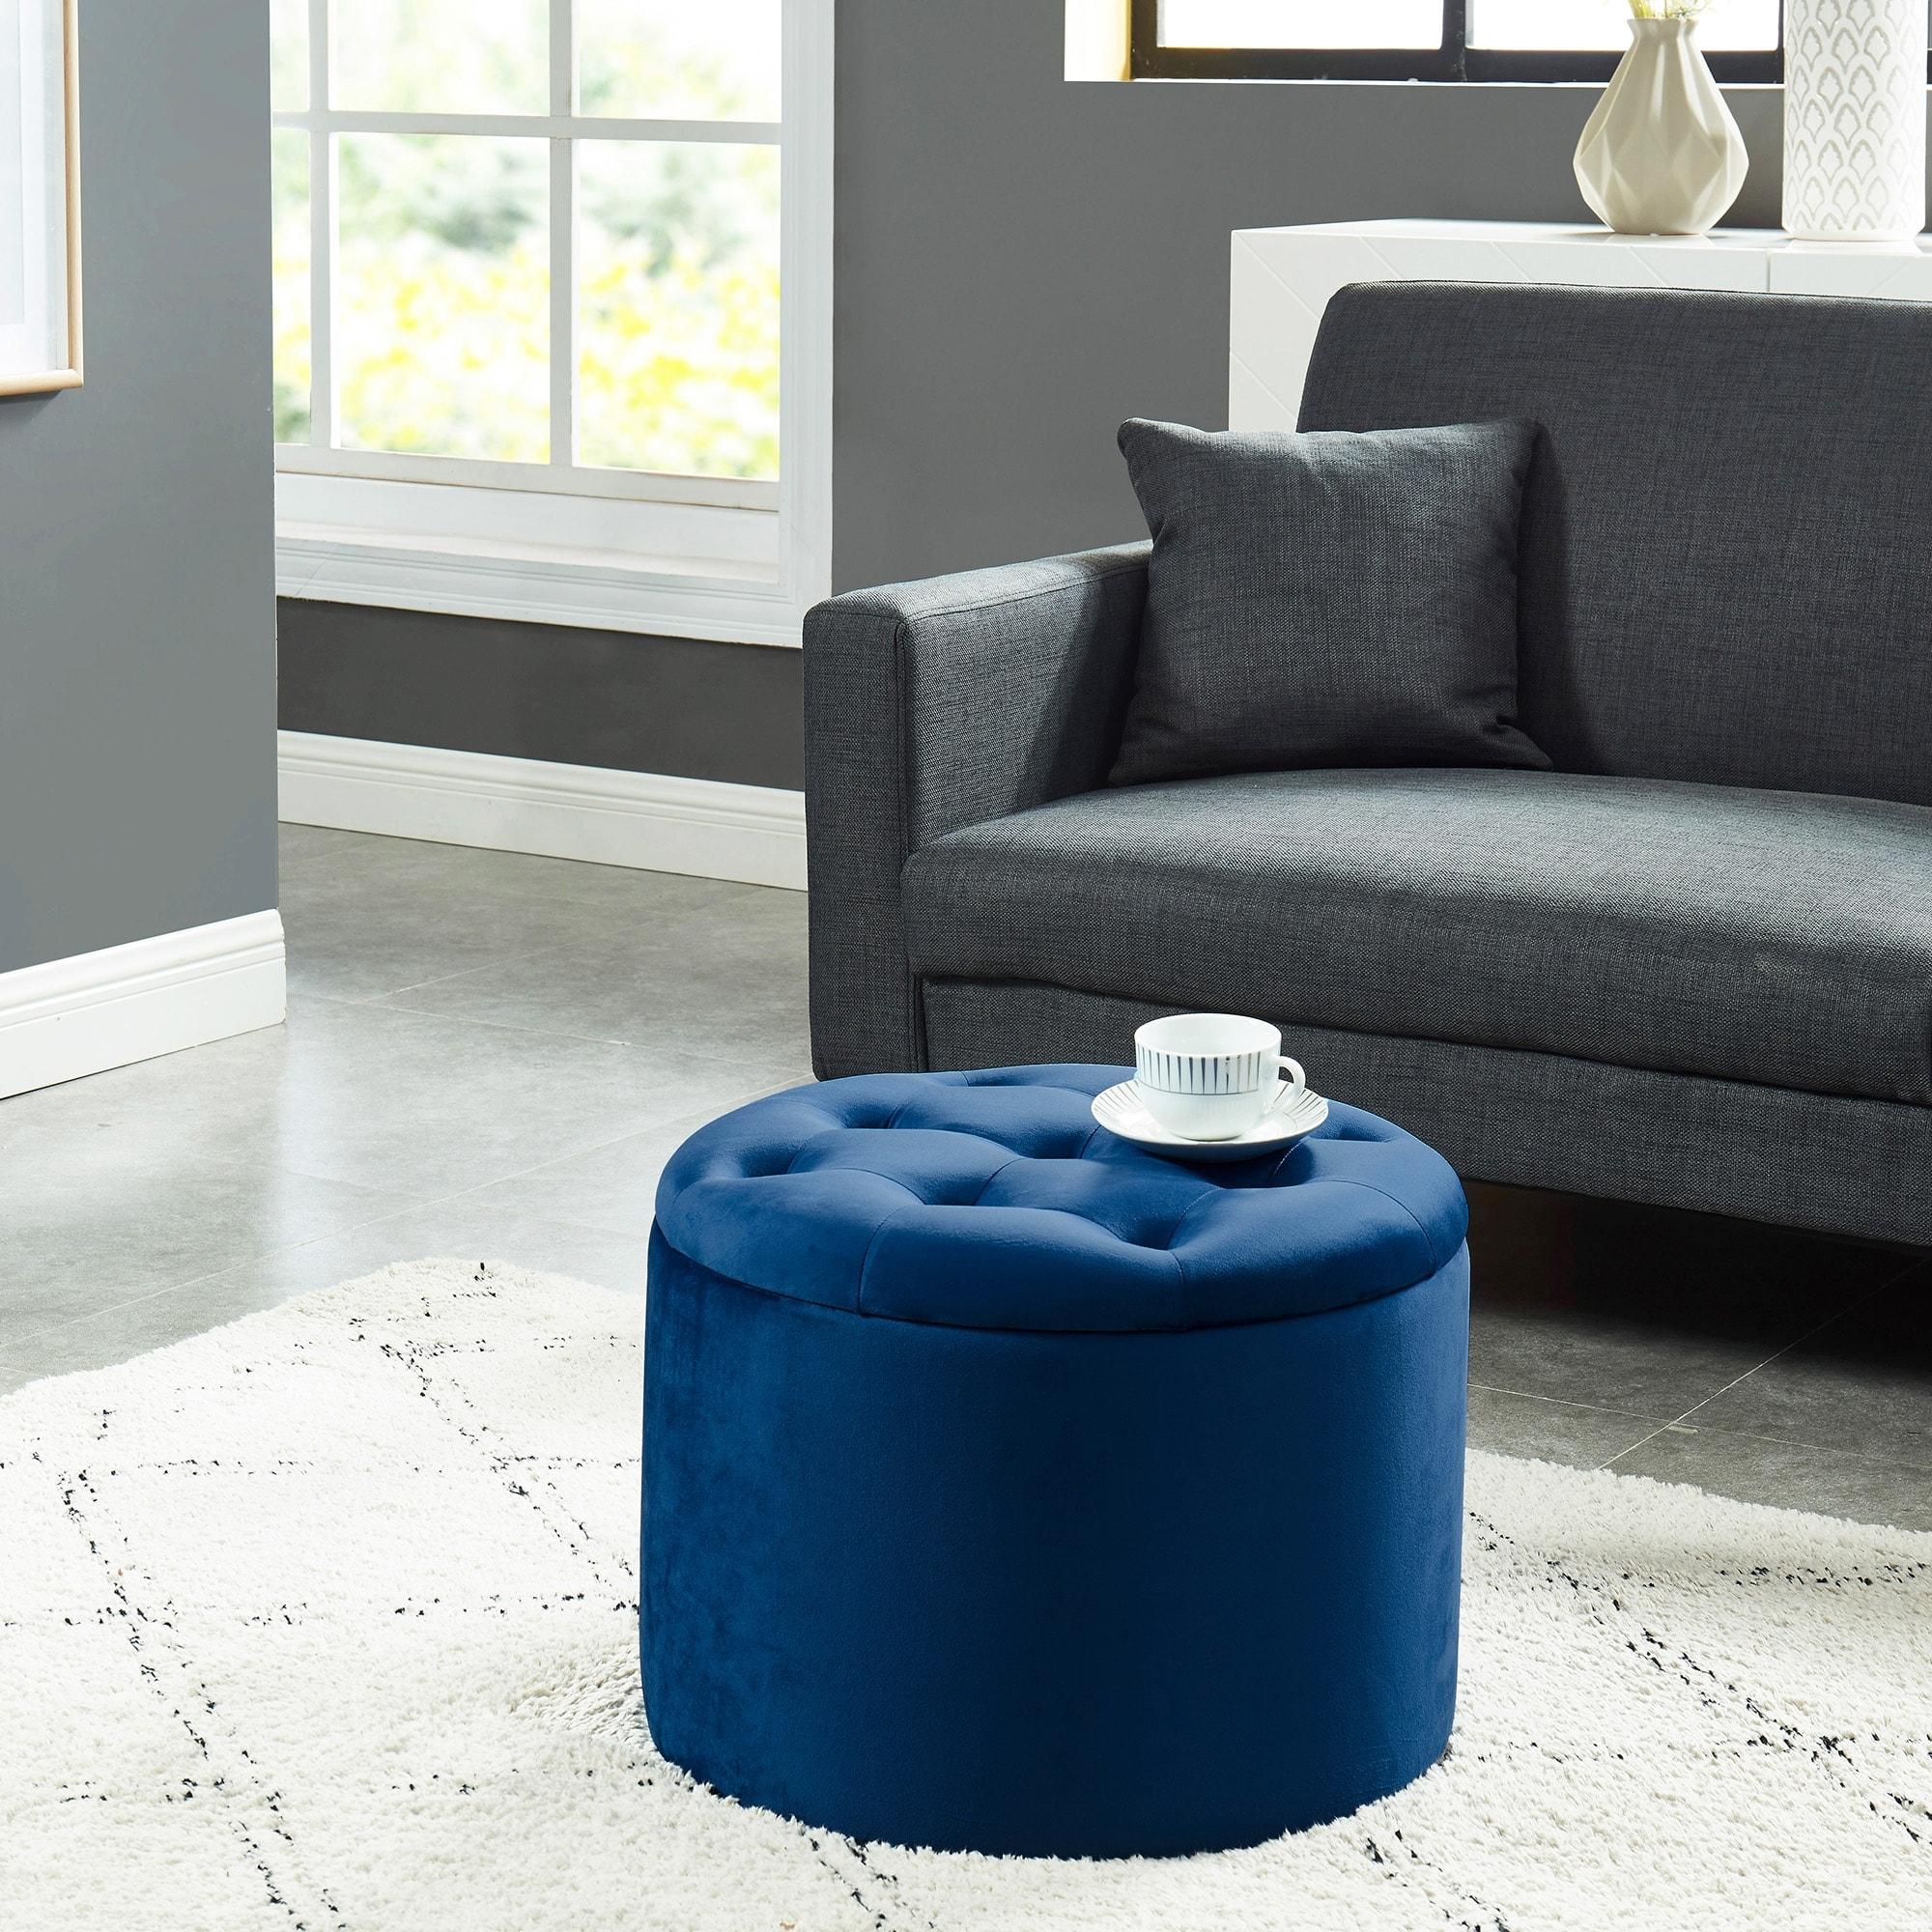 - Shop Upholsterd Round Storage Ottoman - Overstock - 27801948 - Grey